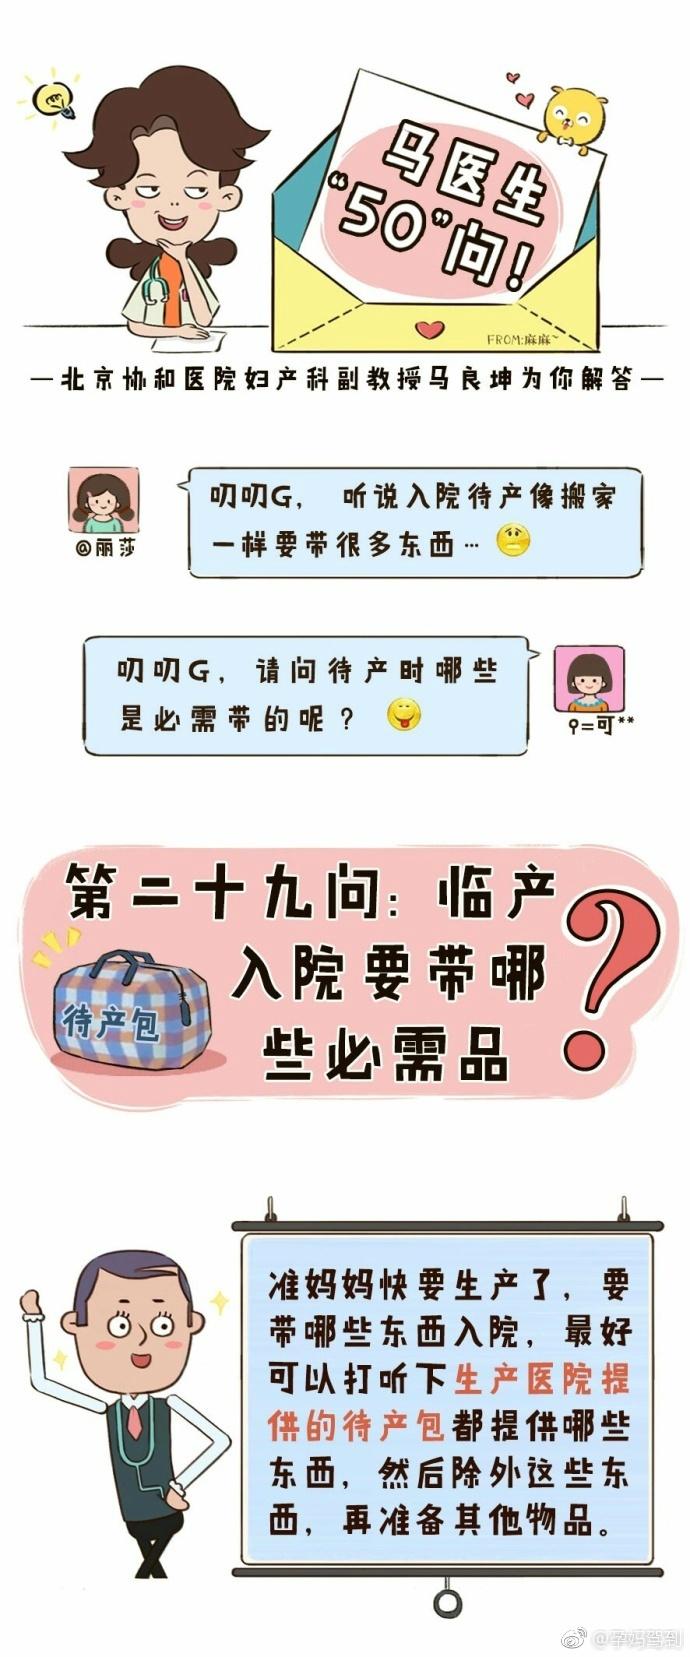 北京协和医院妇产科副教授马良坤推荐待产包清单1-临产入院要带哪些用品